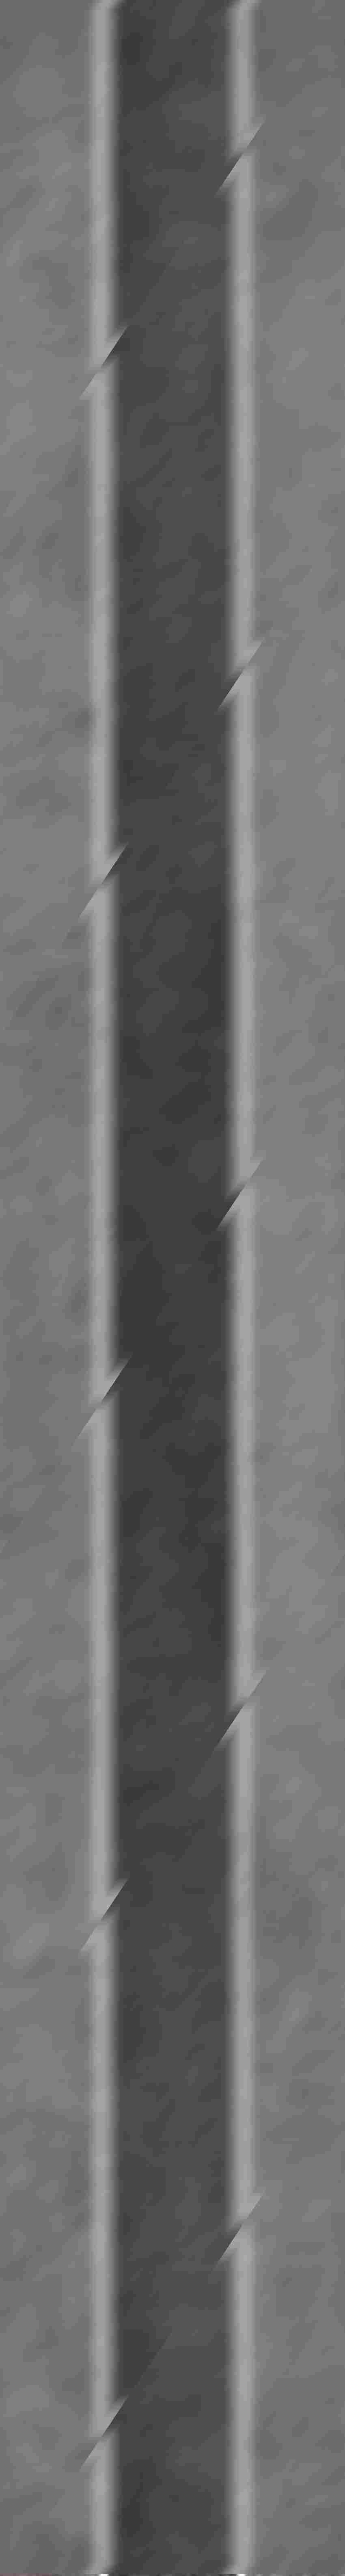 Listwa 8x59,8 cm Paradyż Taranto Grys Listwa Mat